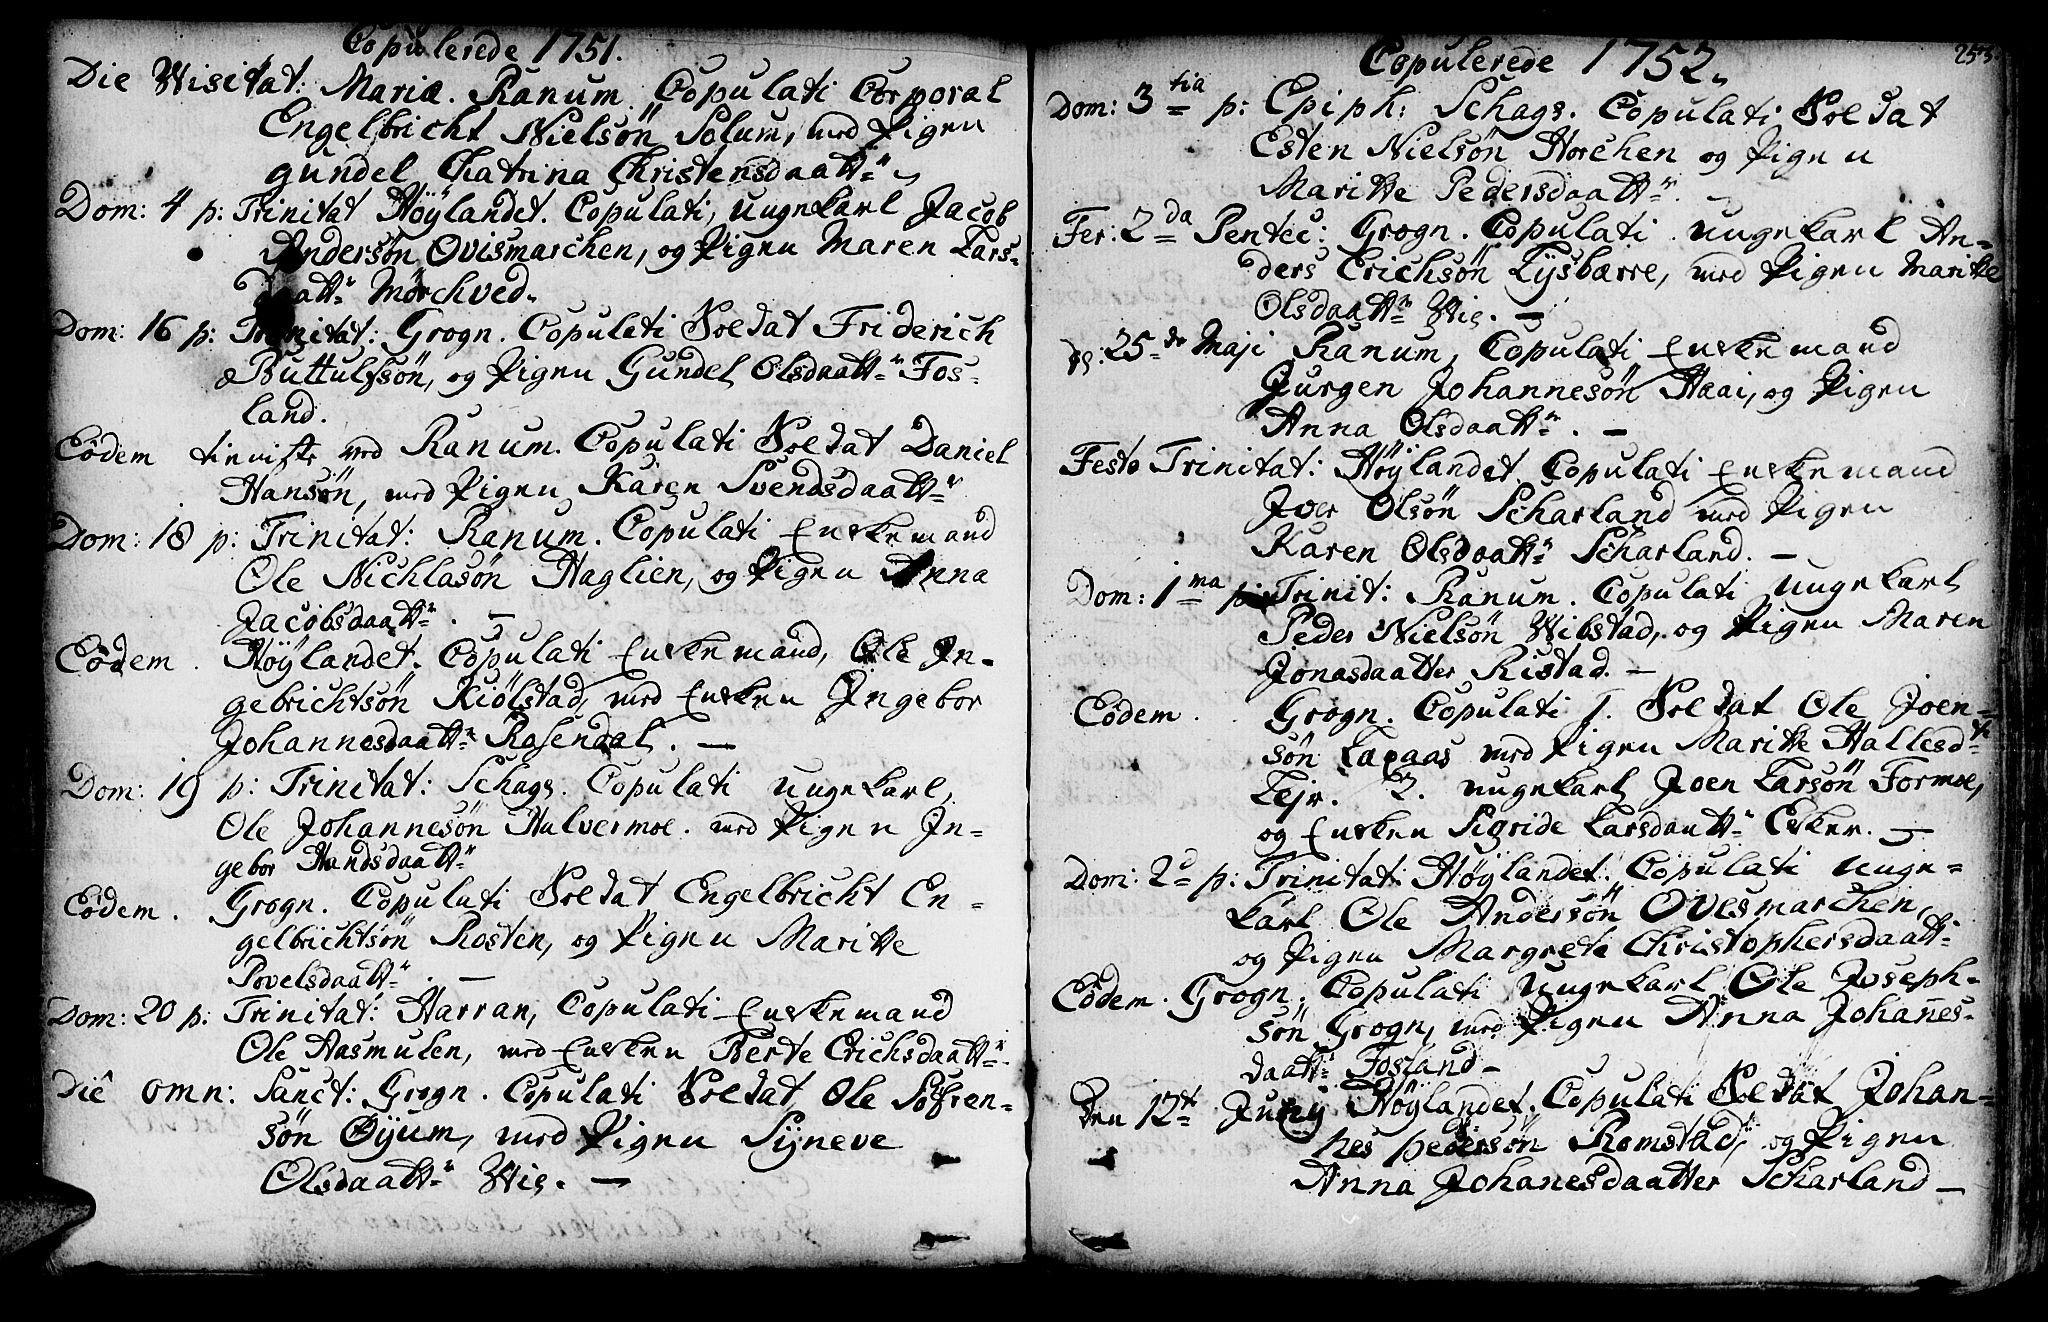 SAT, Ministerialprotokoller, klokkerbøker og fødselsregistre - Nord-Trøndelag, 764/L0542: Ministerialbok nr. 764A02, 1748-1779, s. 253